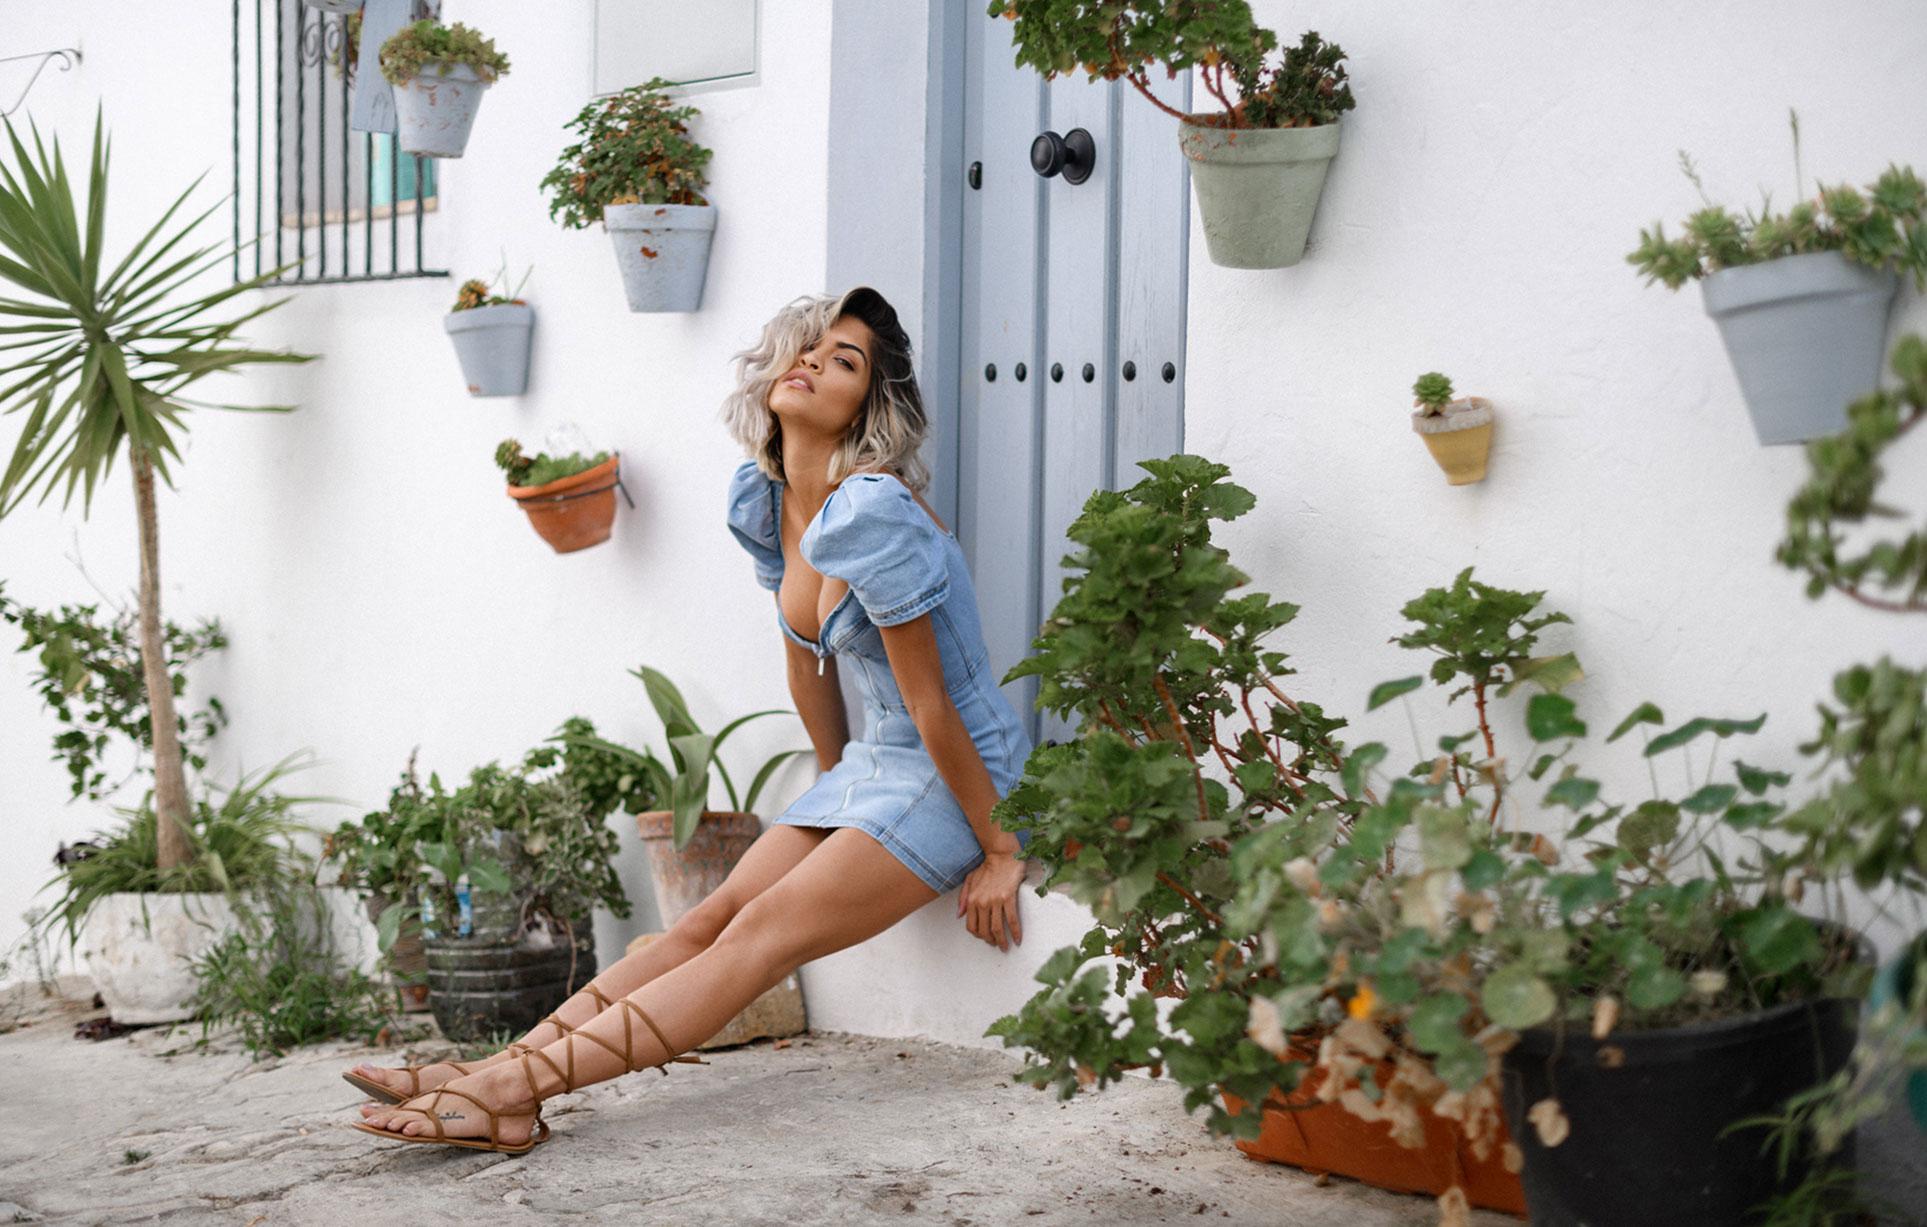 Алессандра Сирони гуляет по старому испанскому городу / фото 01